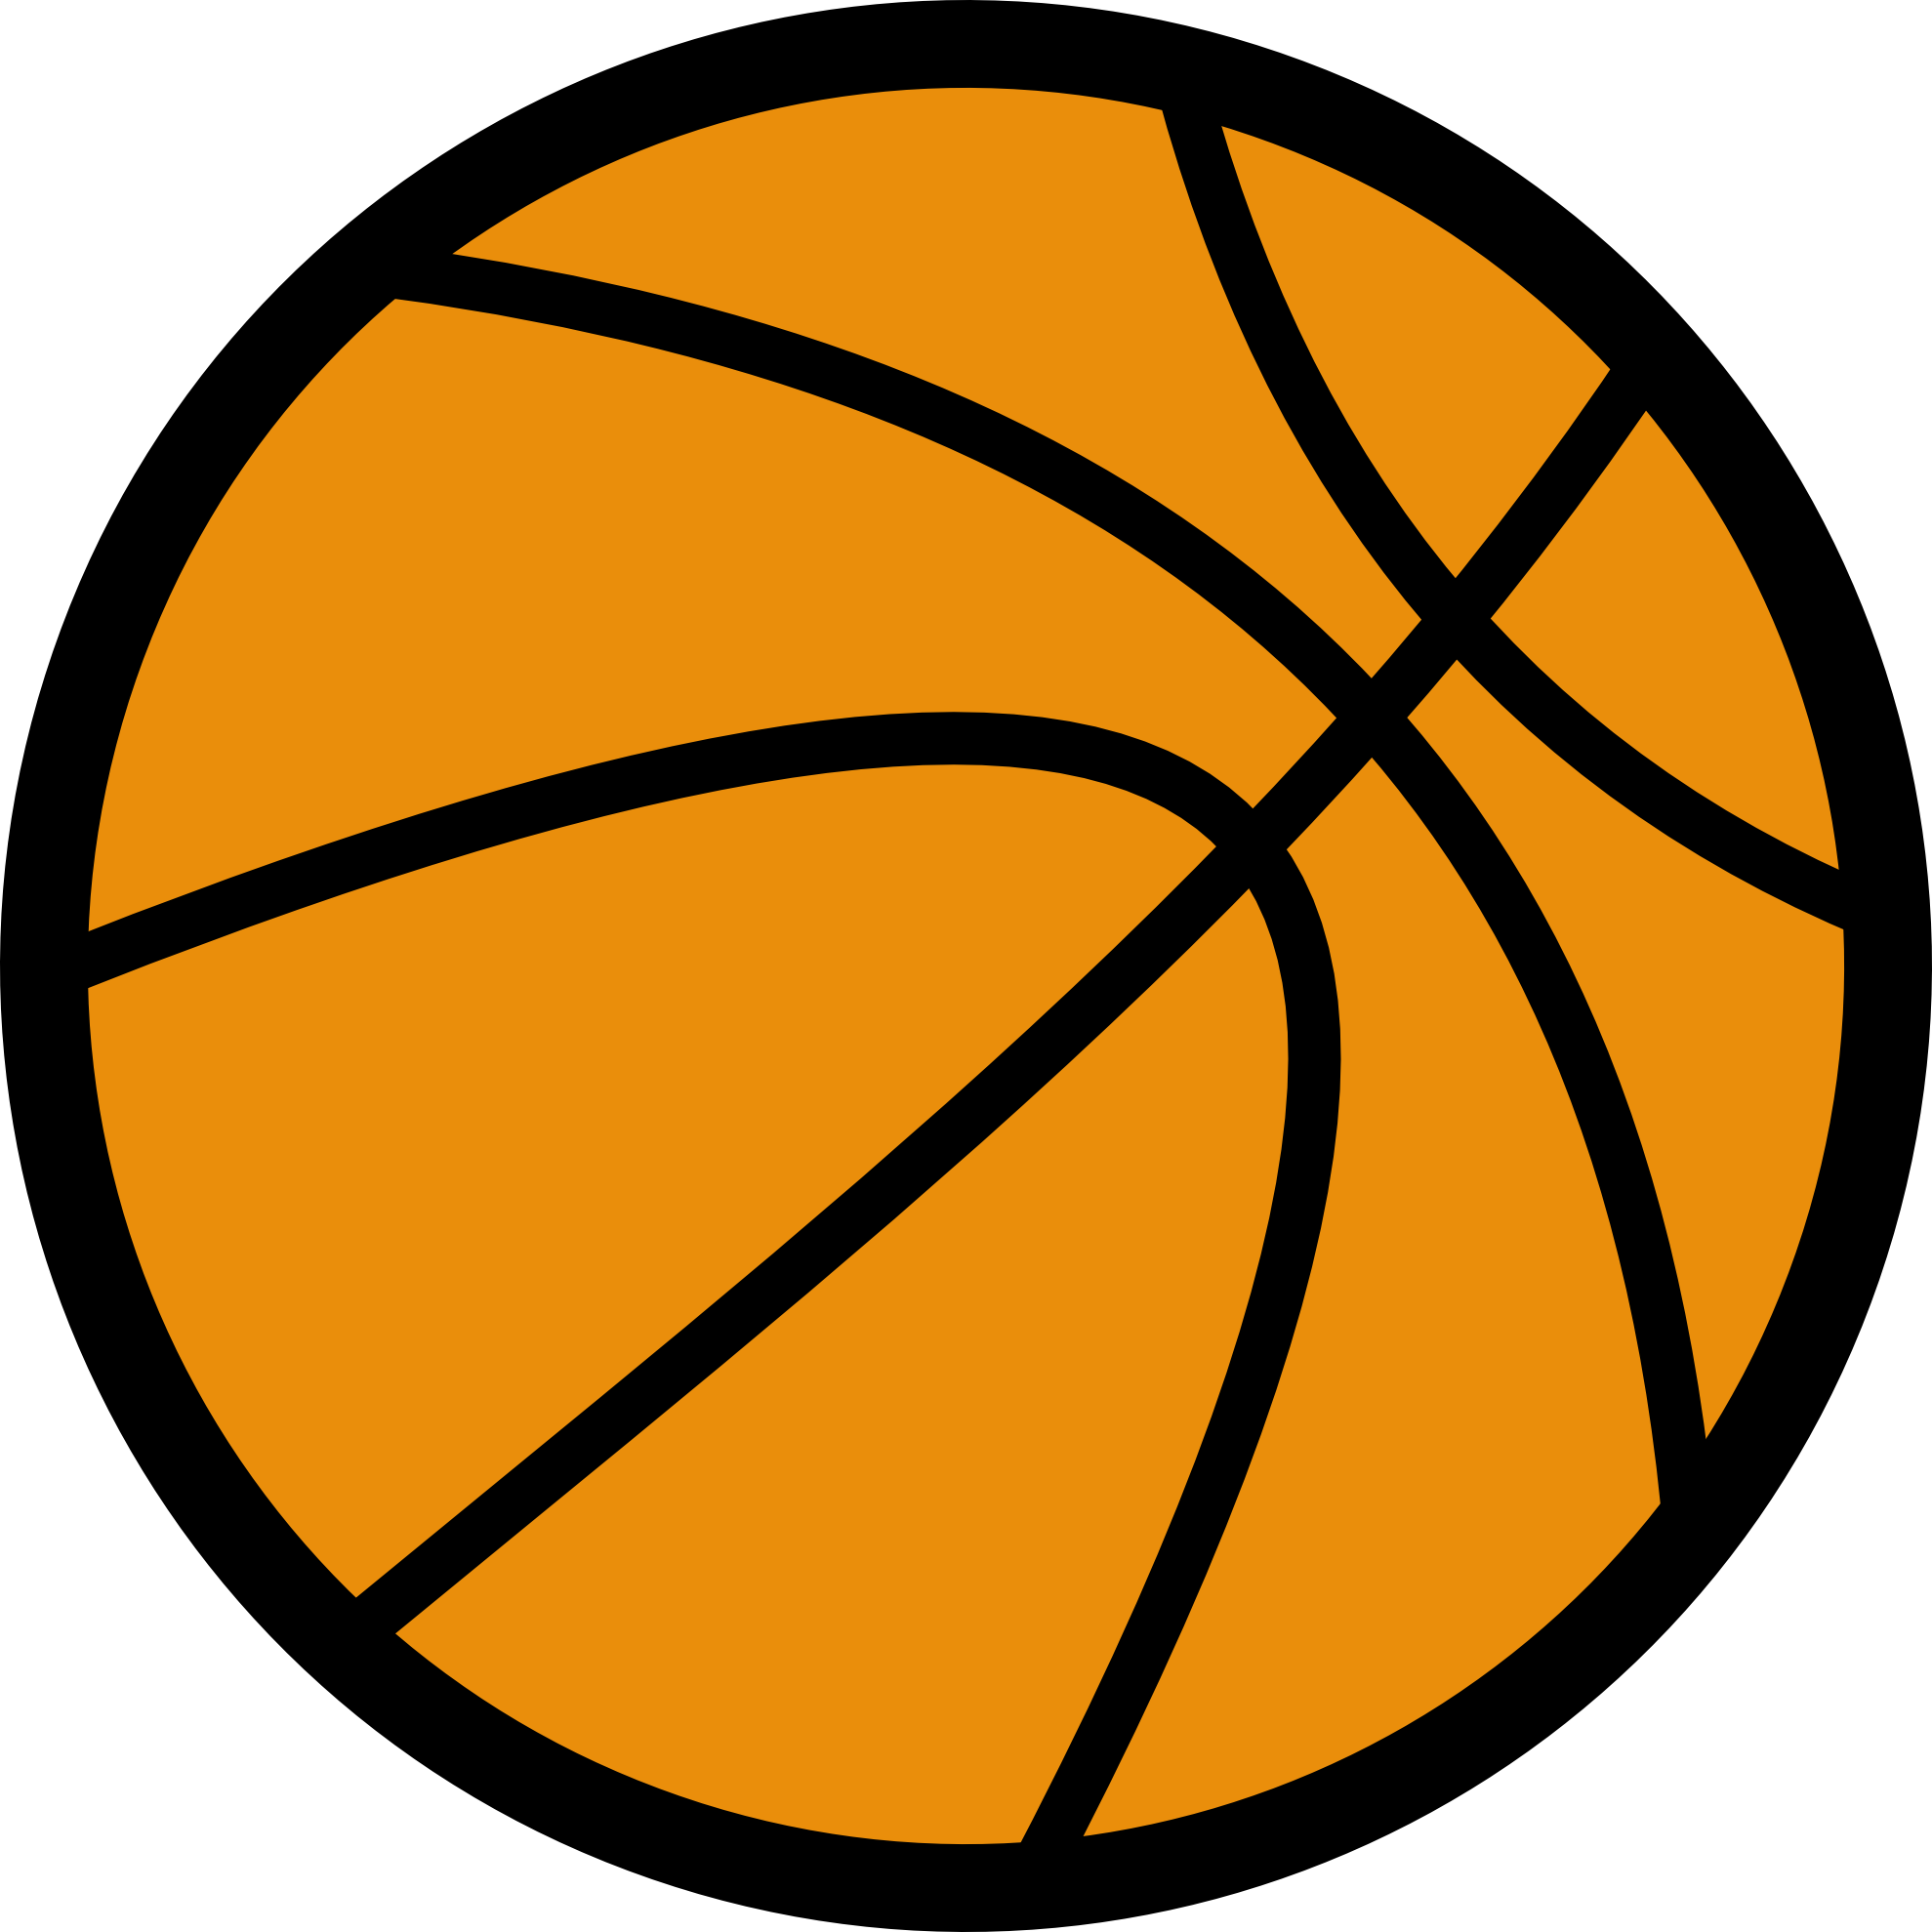 Clipart png basketball. Clip art mart